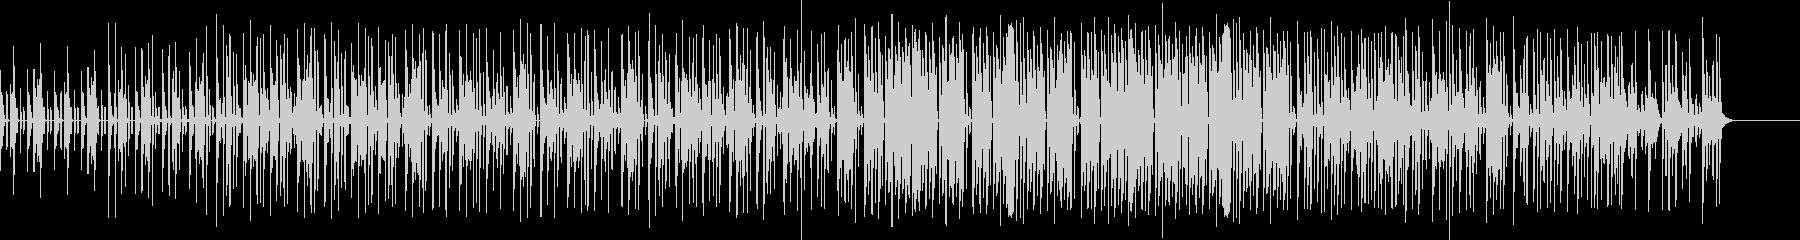 ドラムロールM クイズBGM スネアの未再生の波形